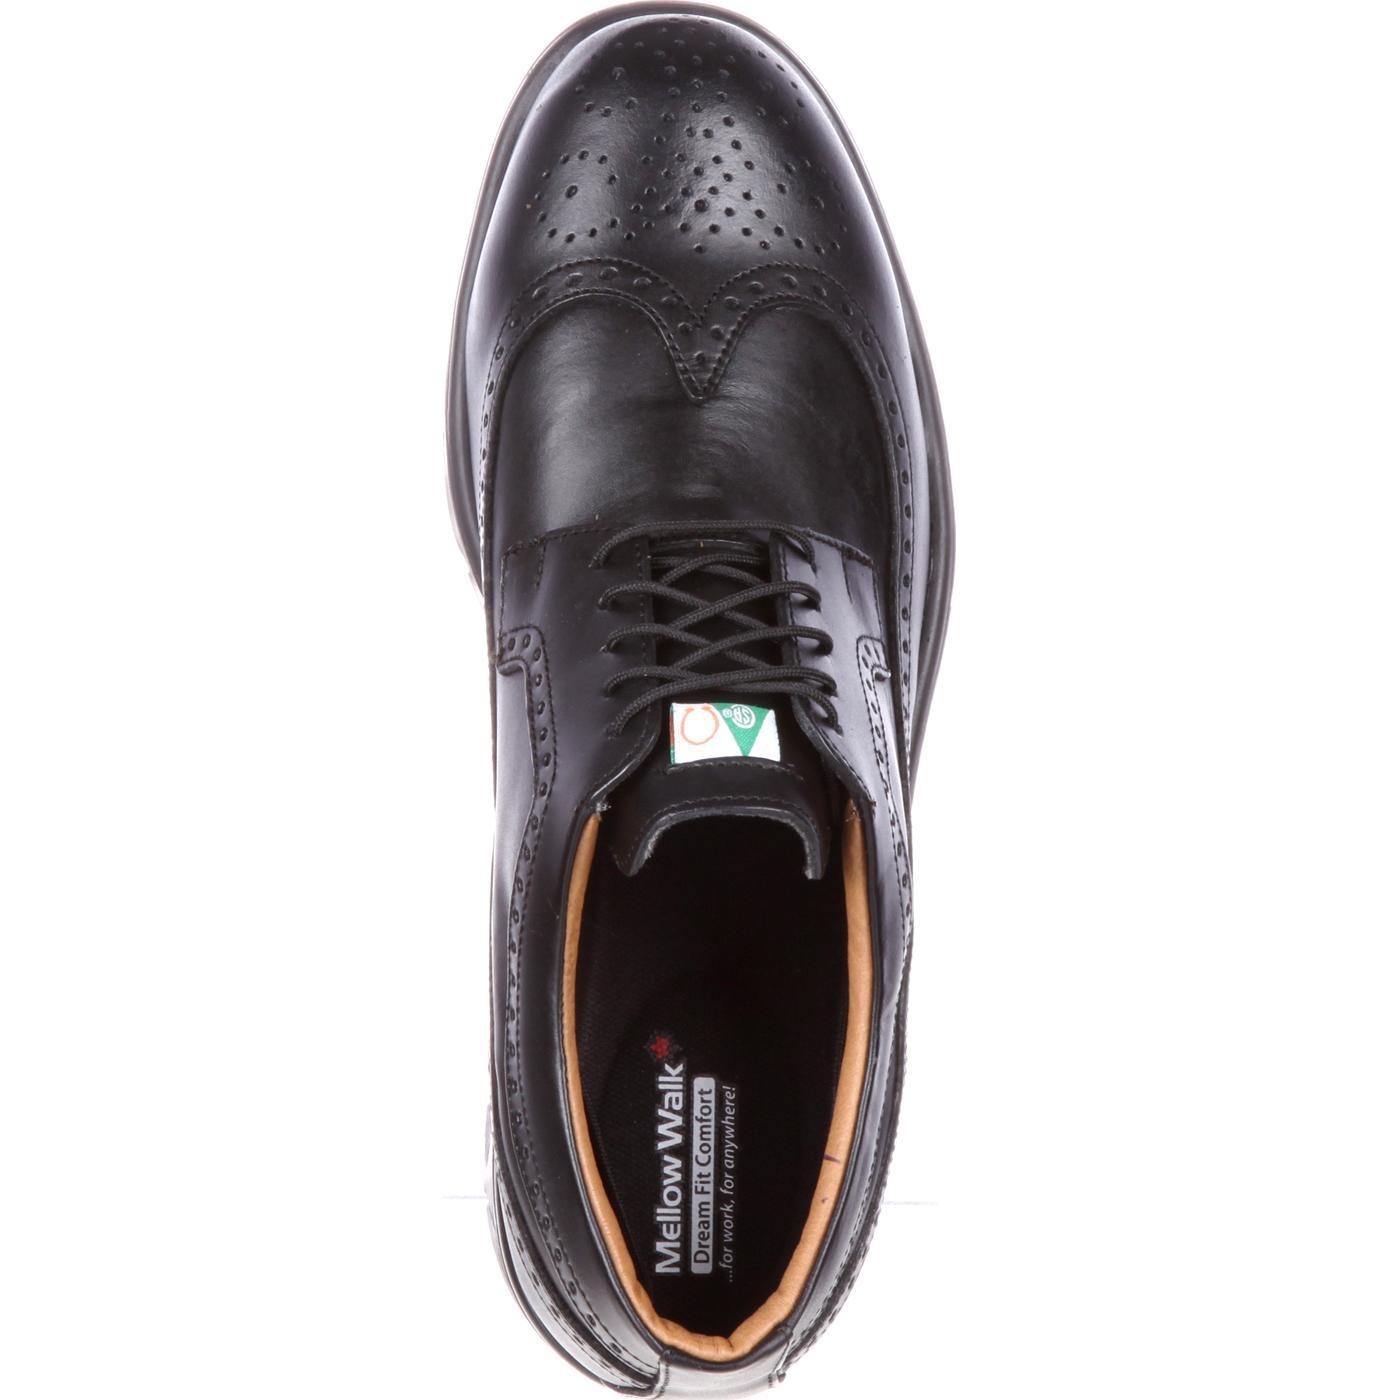 Mens Steel Tip Dress Shoes